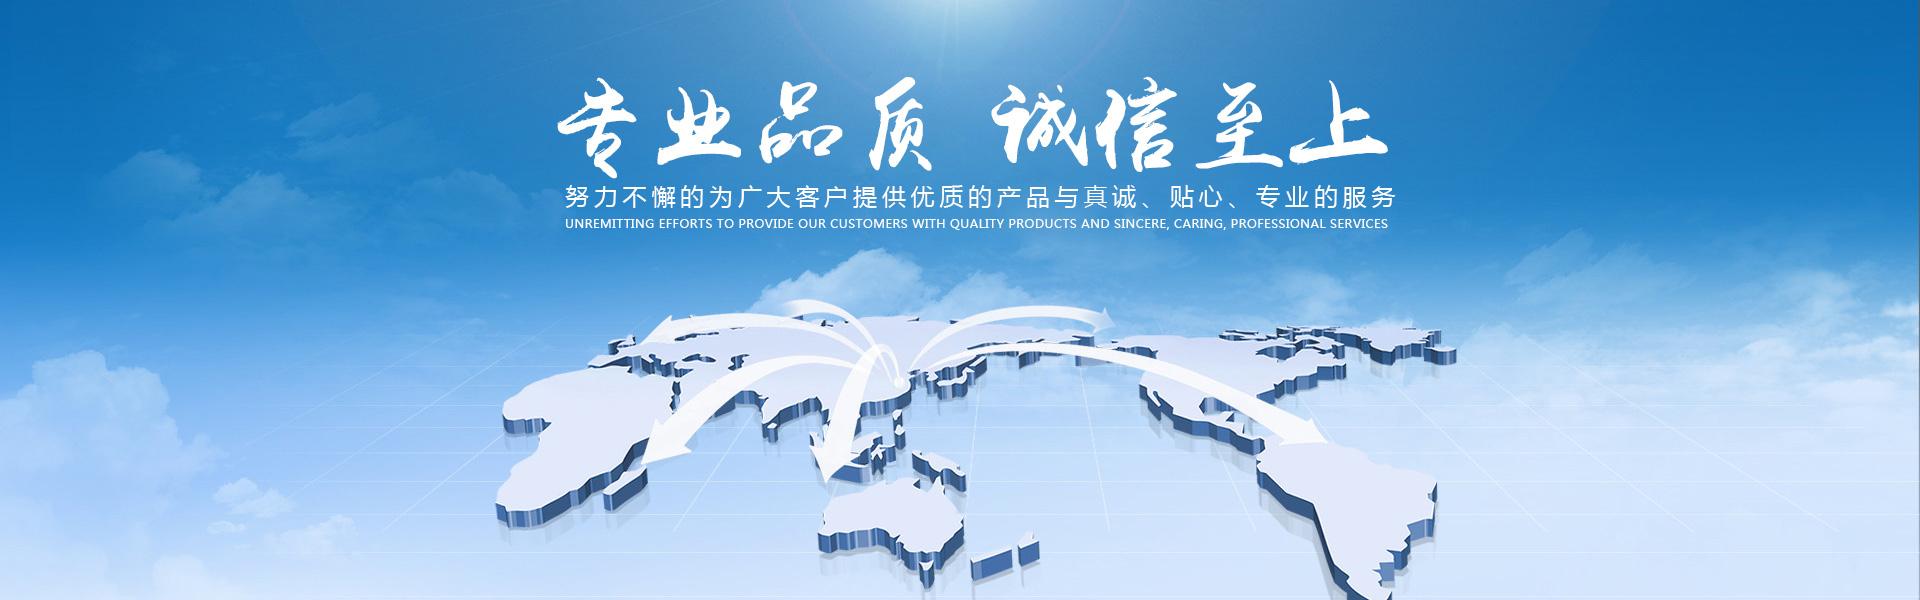 张家港市汉望精密机械有限公司